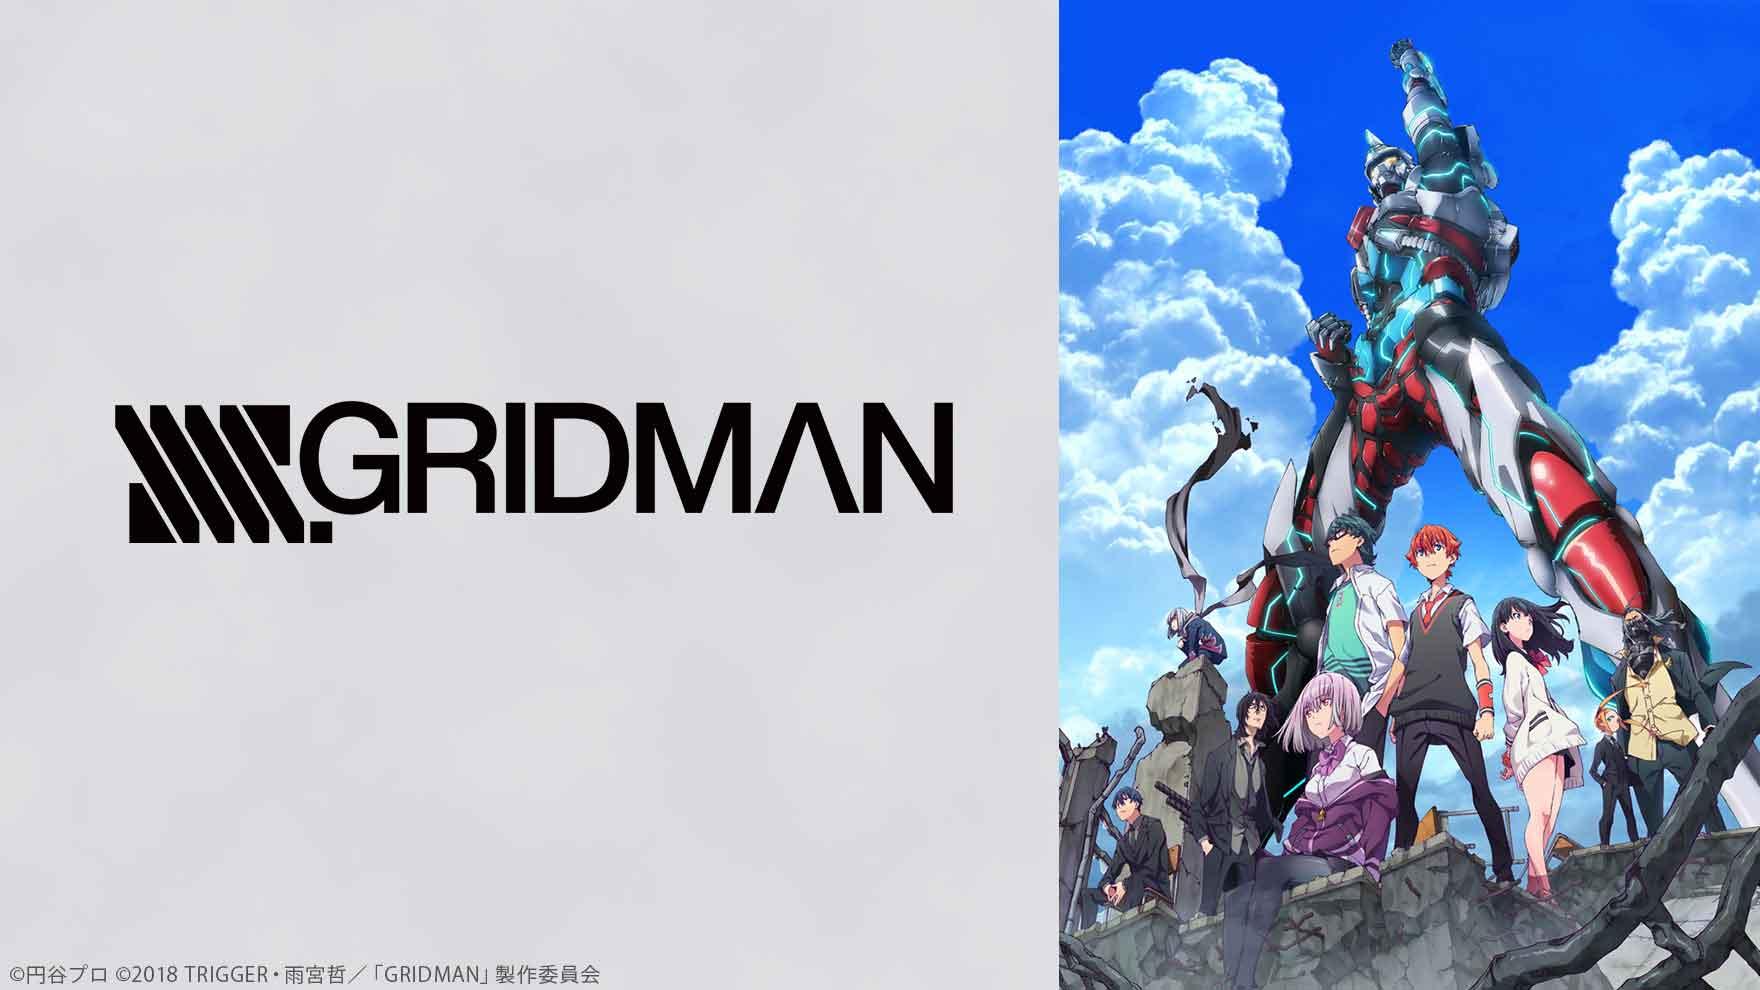 ヒーローアニメのアニメ